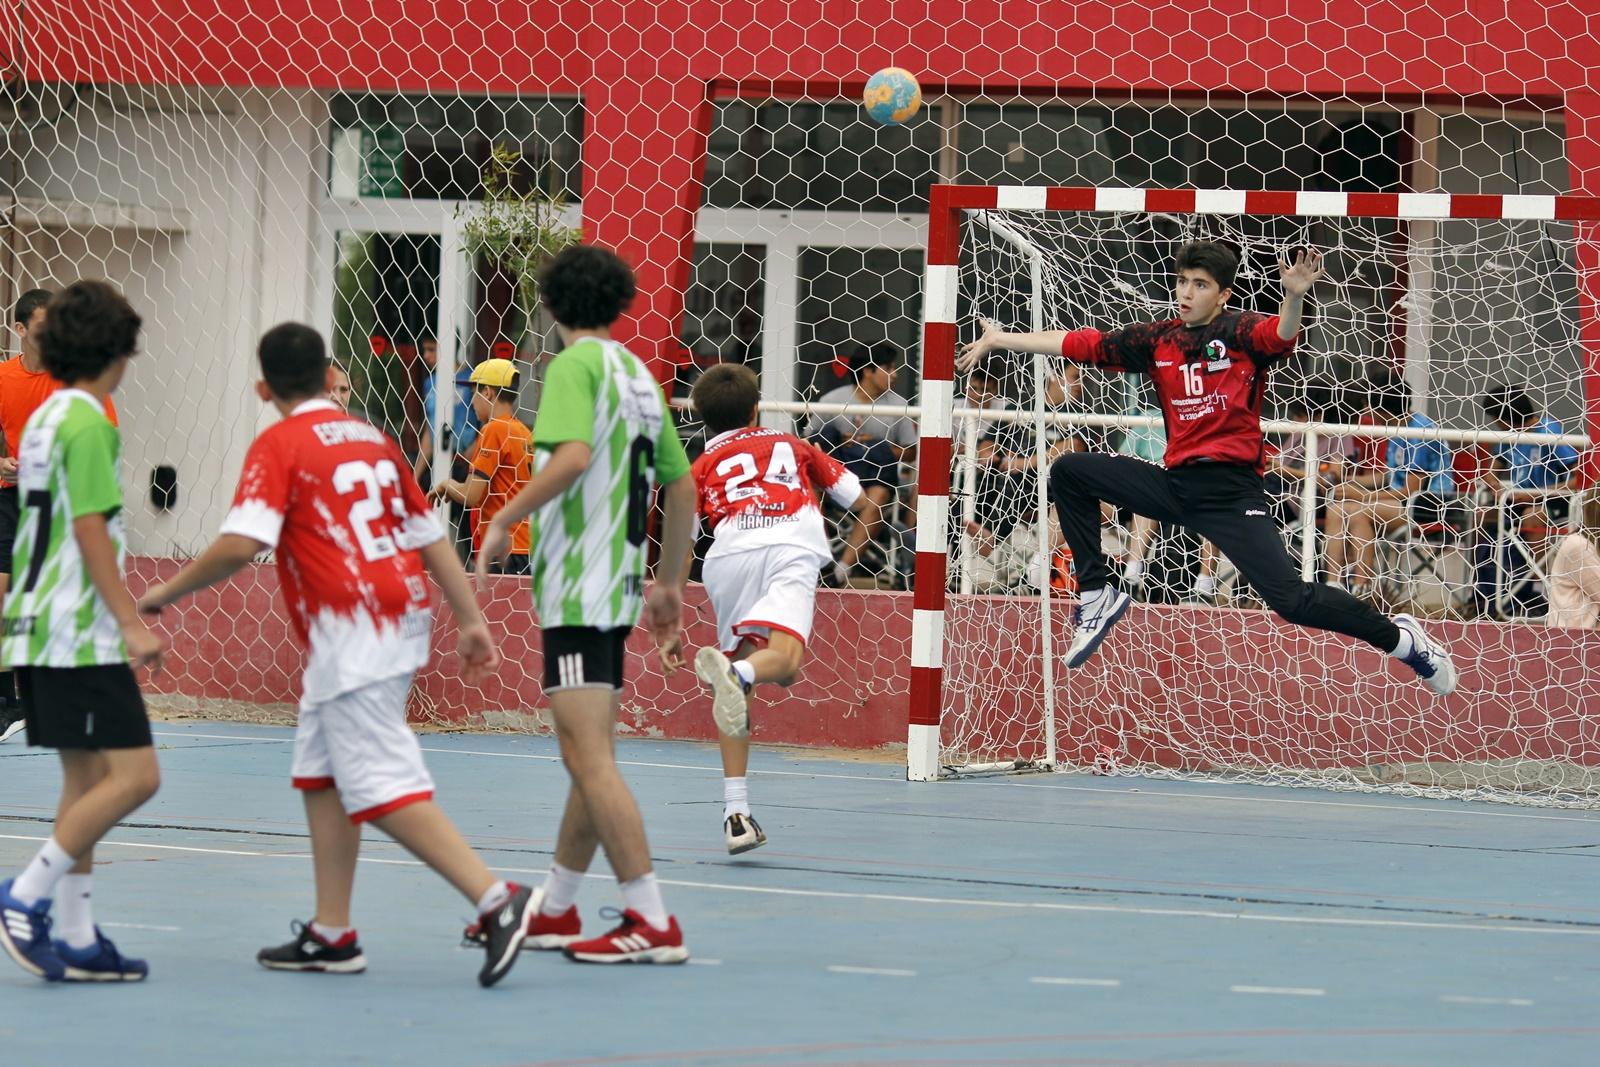 Handball: Sportivo Realicó  e Independiente los campeones en juveniles,  Ferro e Independiente se consagraron en menores